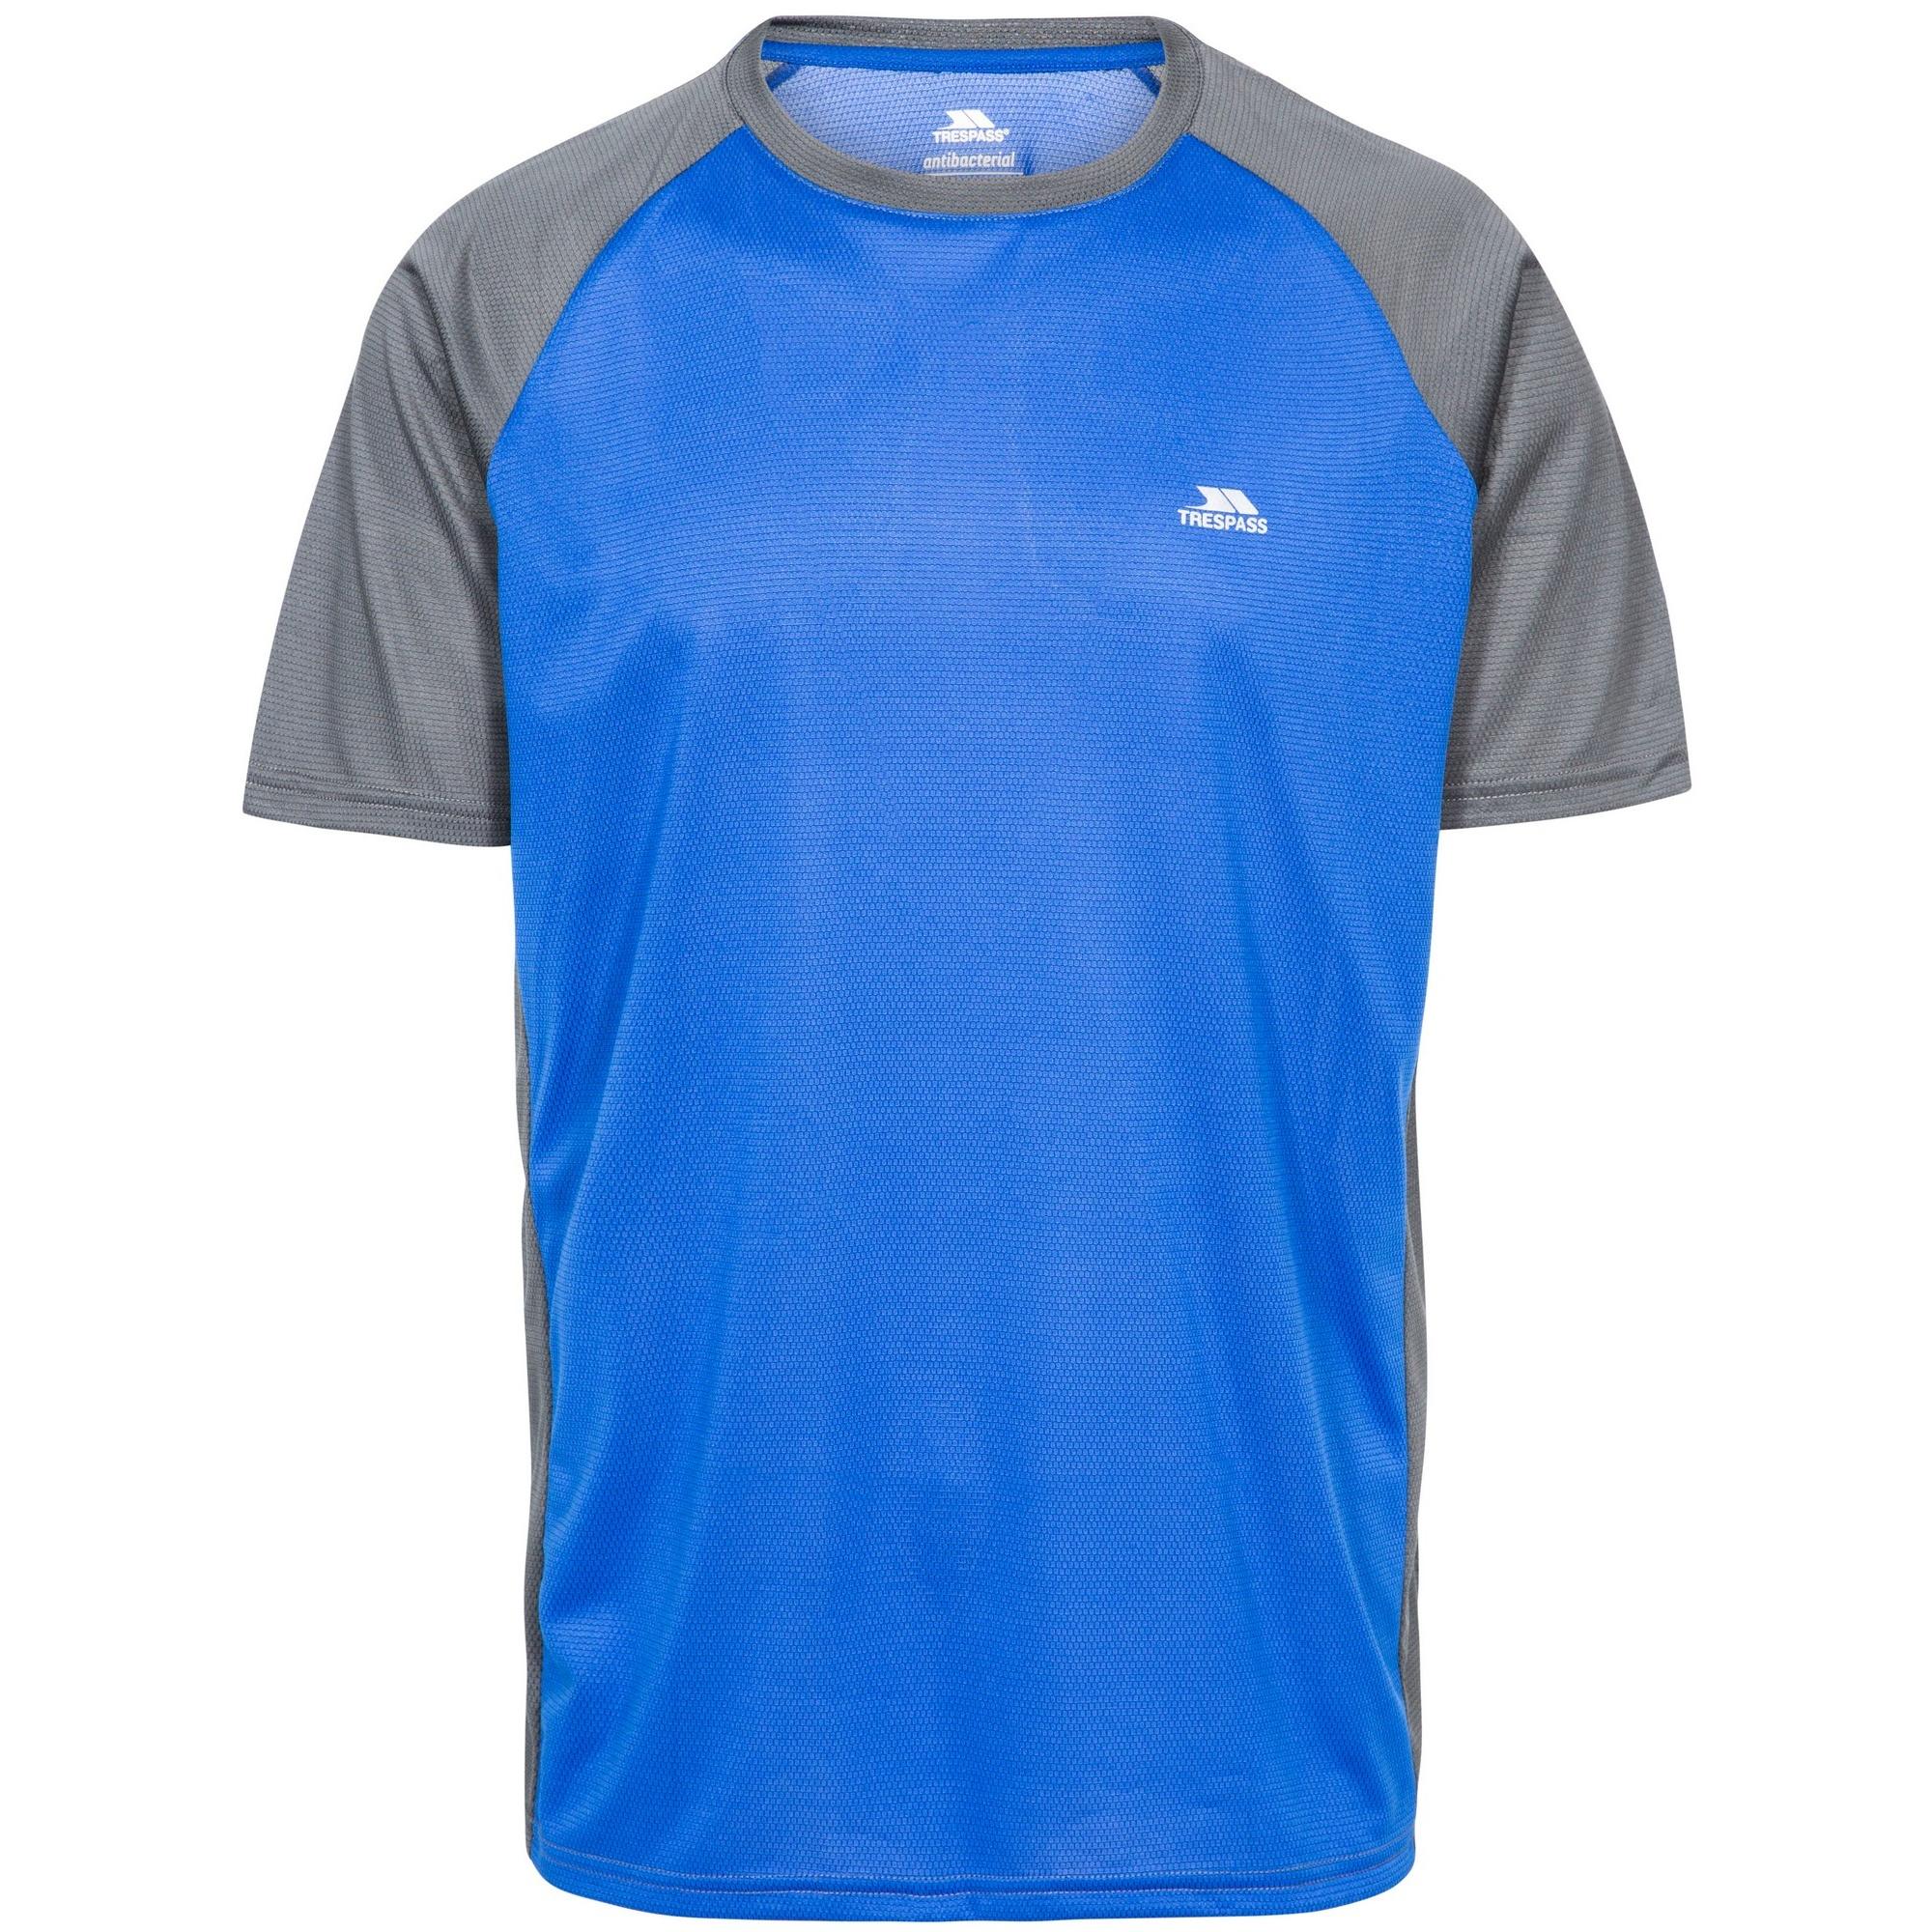 Trespass-Mens-Talca-Active-T-Shirt-TP4072